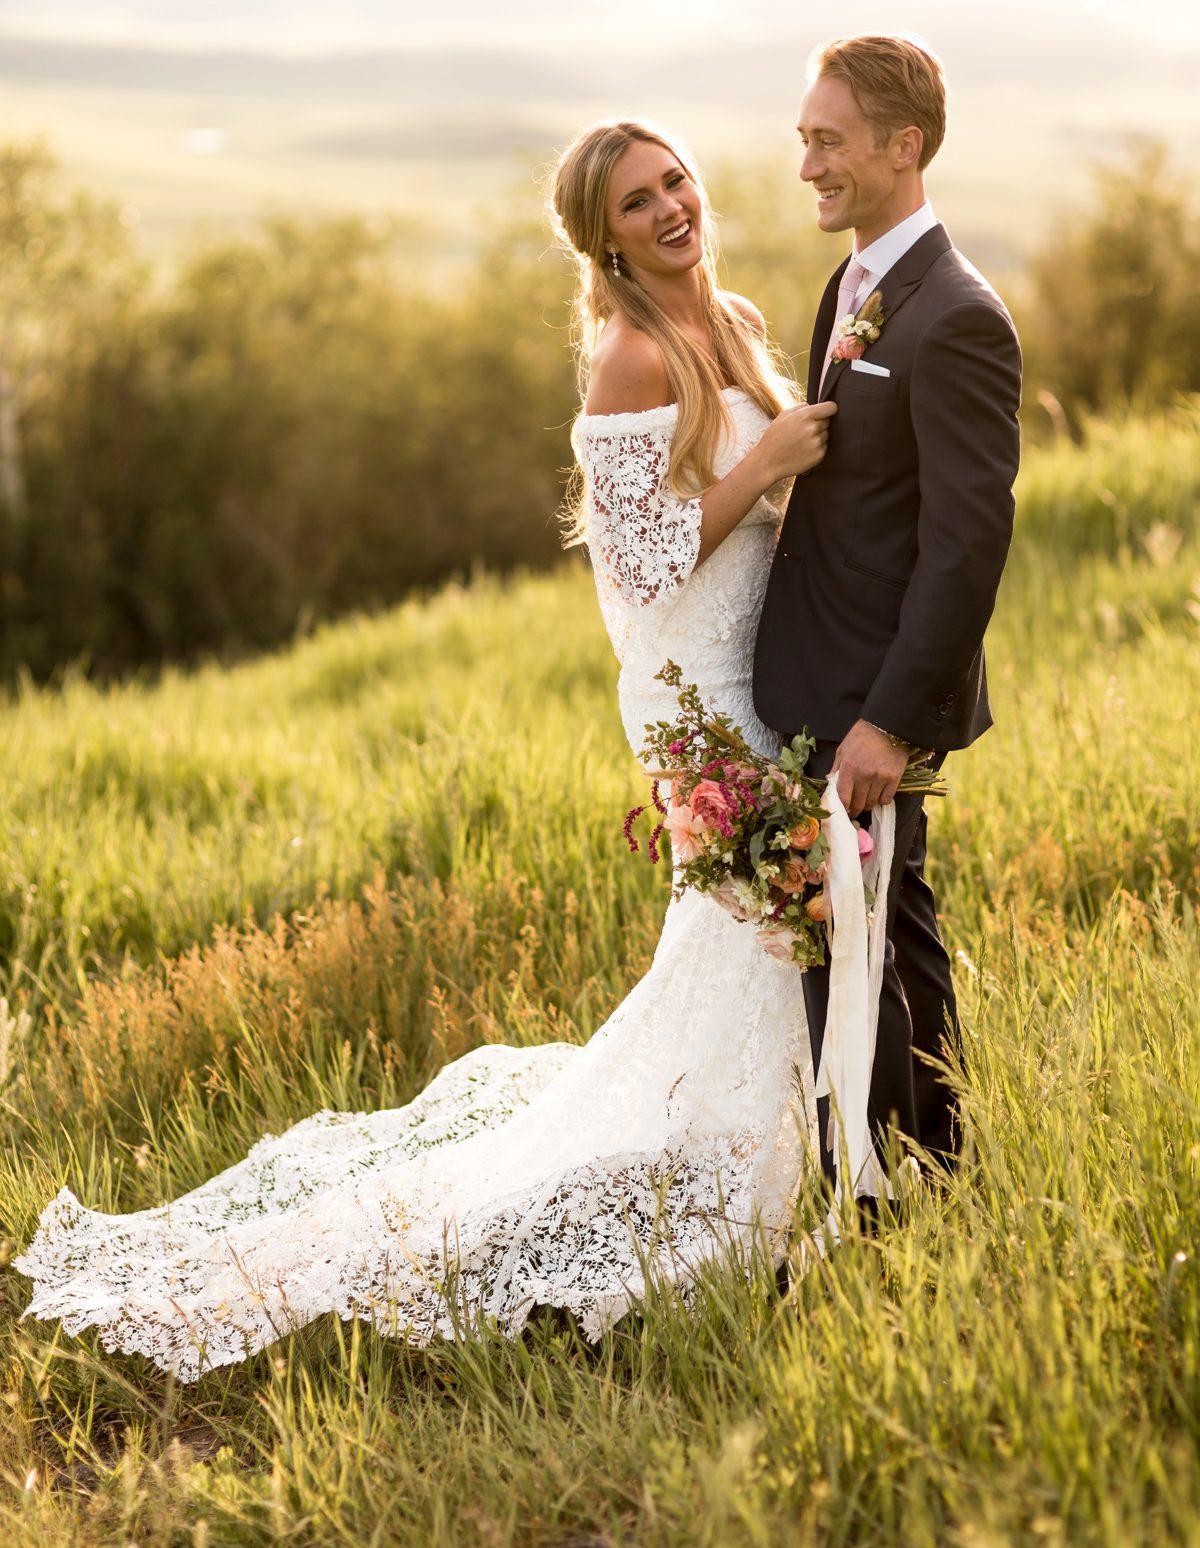 Steamboat Springs wedding planner